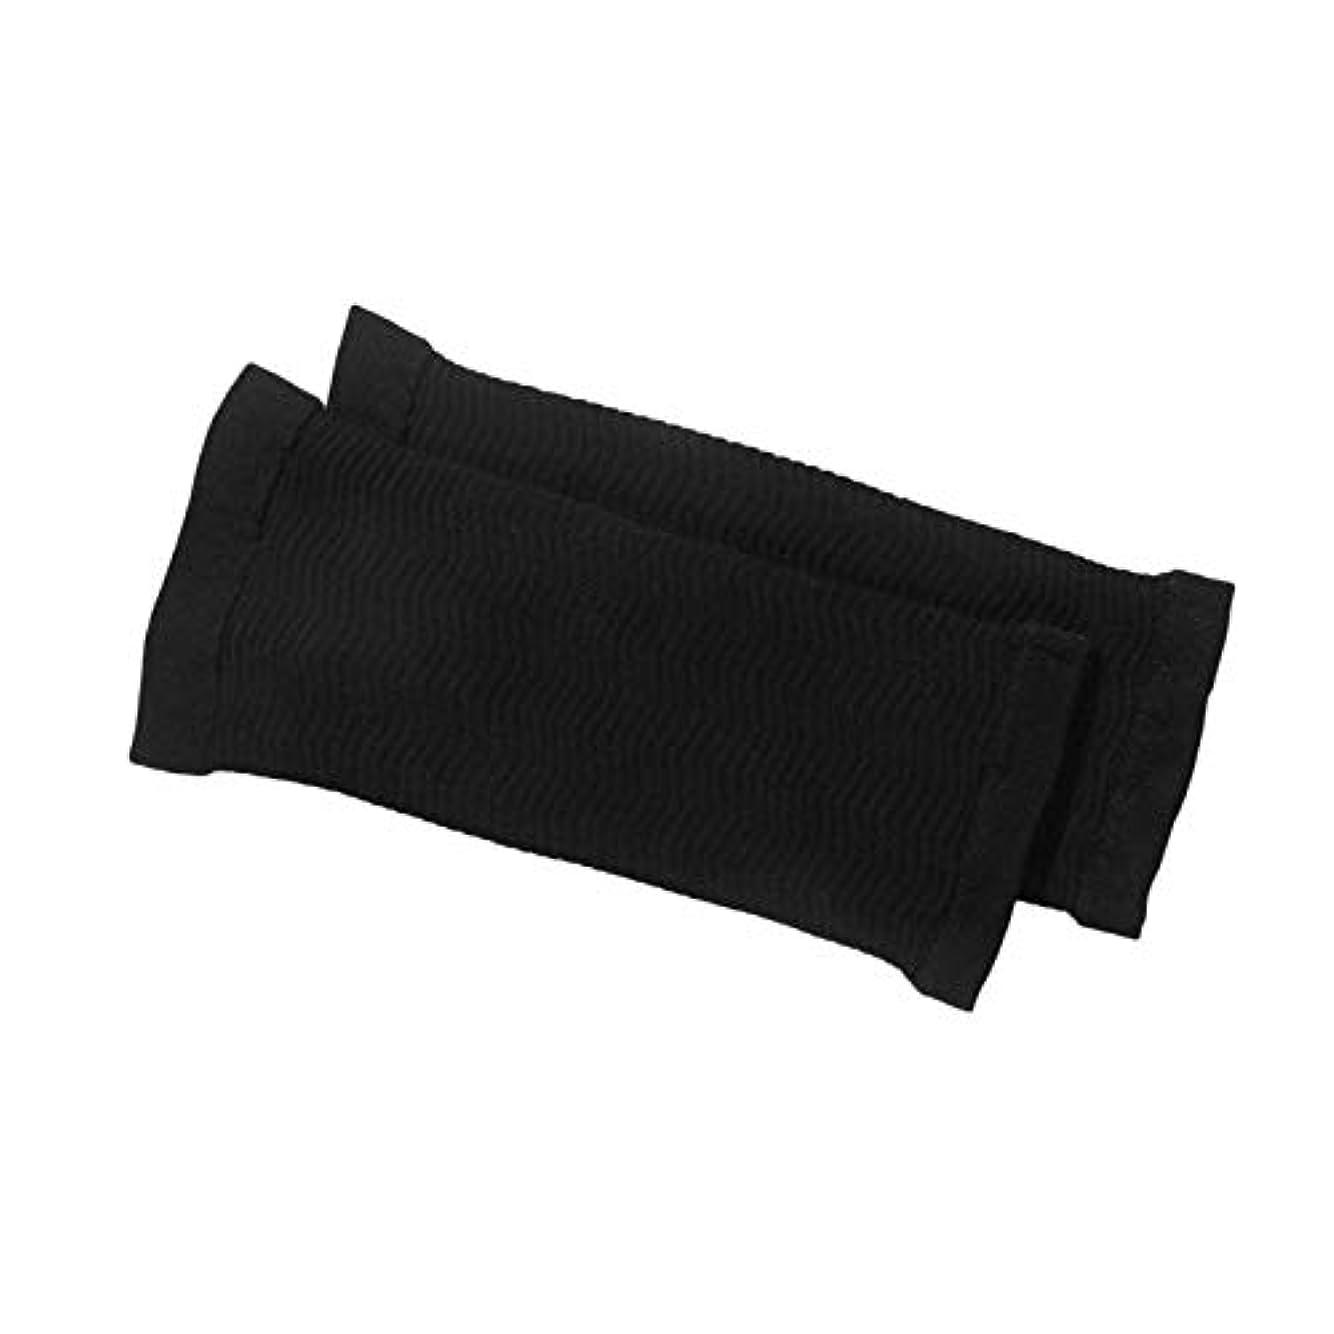 グレードベギン動力学1ペア420 D圧縮痩身アームスリーブワークアウトトーニングバーンセルライトシェイパー脂肪燃焼袖用女性 - 黒